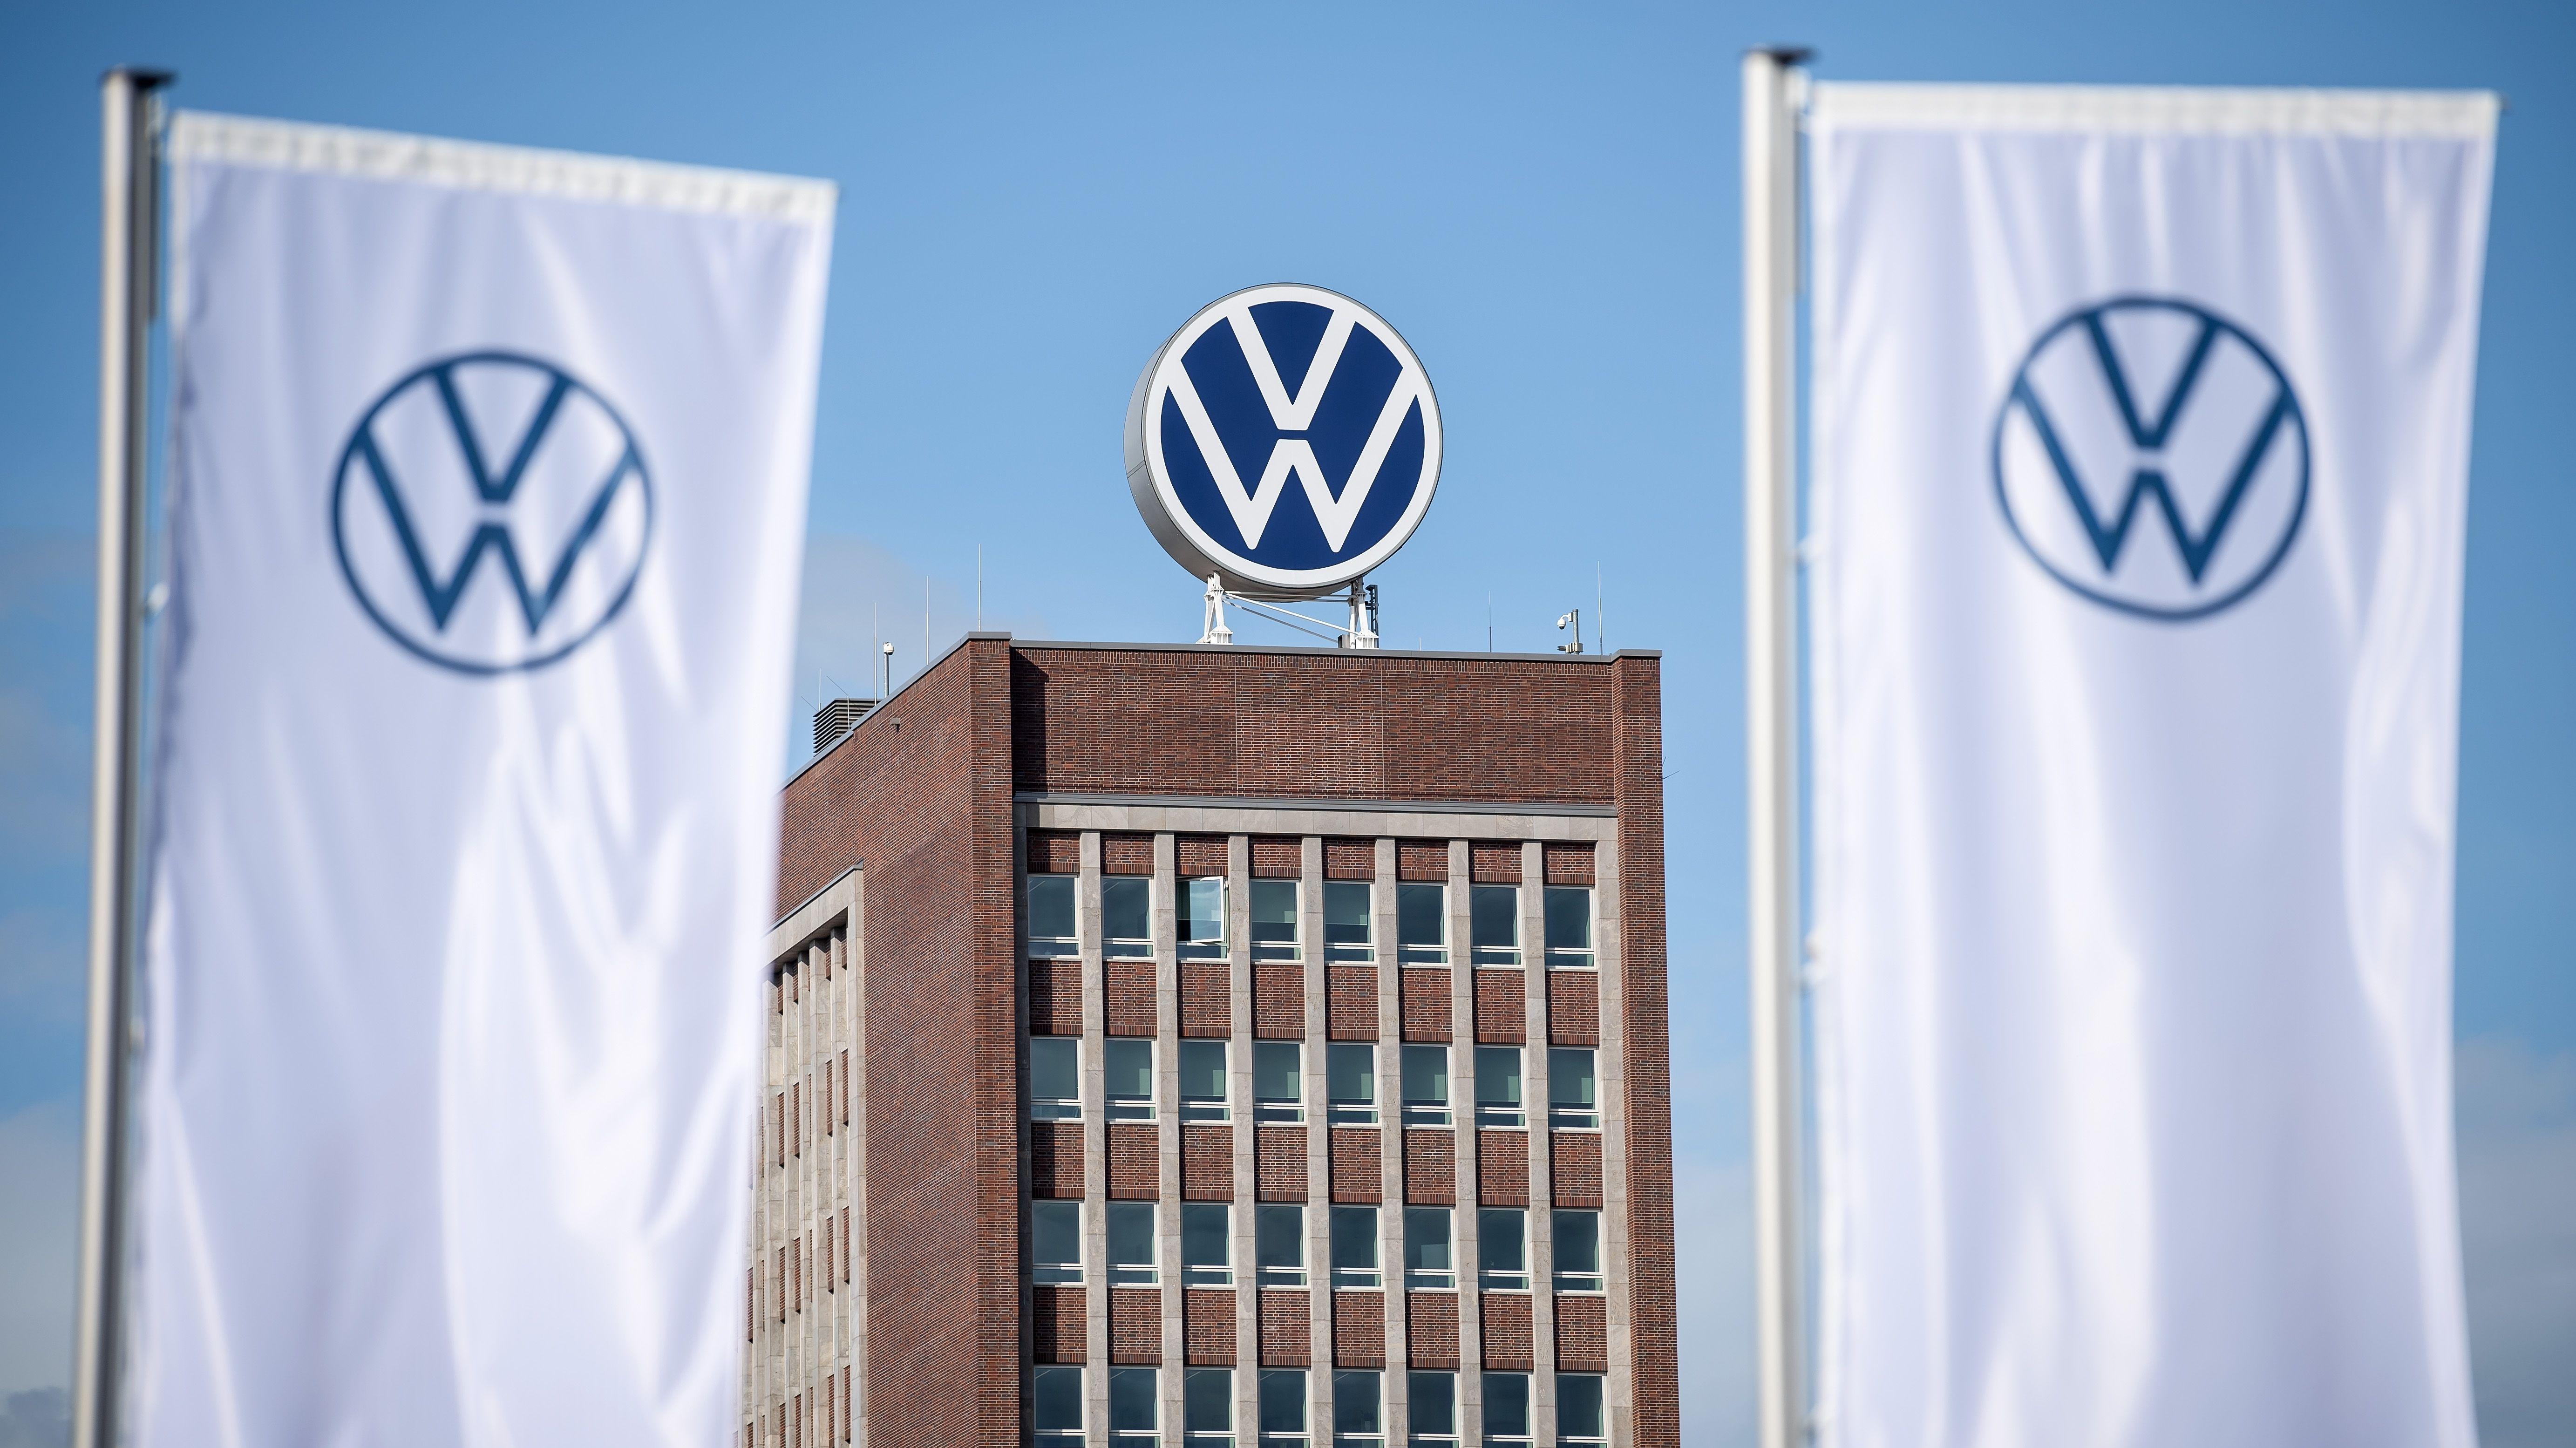 Das Verwaltungshochhaus vom Volkswagen-Werk. Der Konzern hat Geschädigten des Dieselskandals einen Vergleich angeboten. (Archivbild)